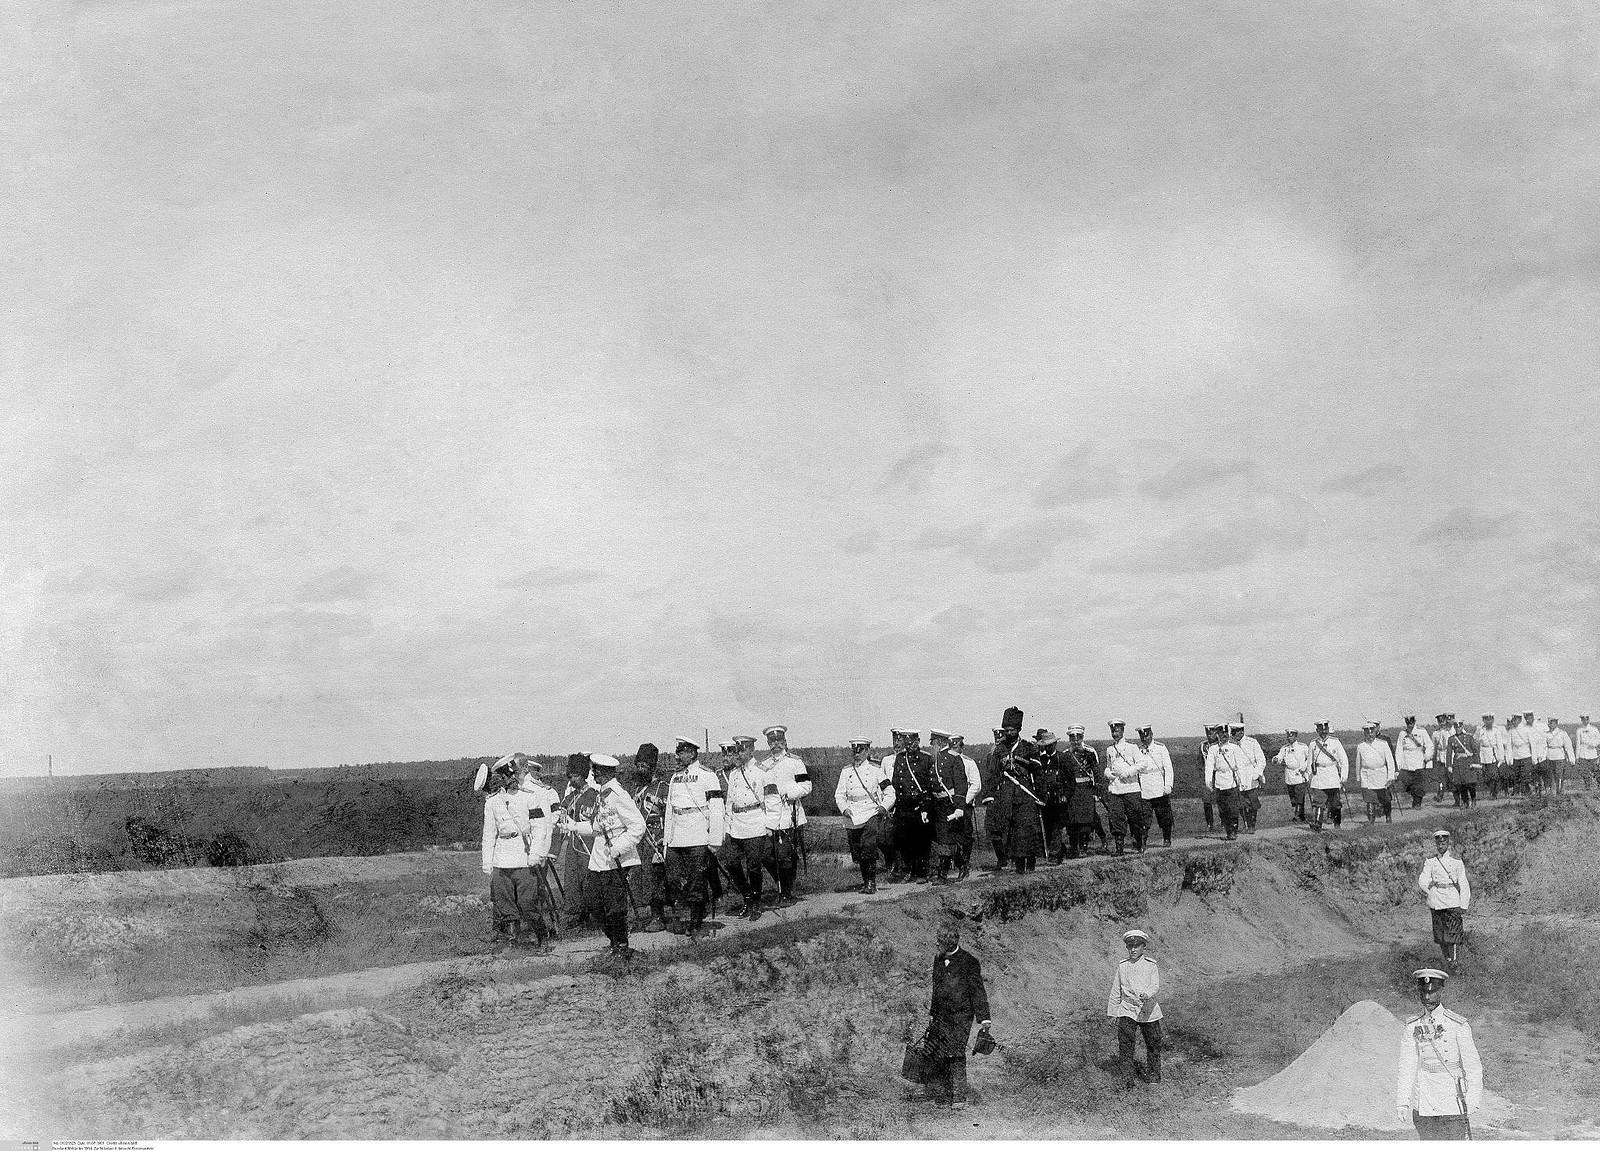 1900. Николай II со свитой на маневрах в Усть-Ижорском военном лагере (2)